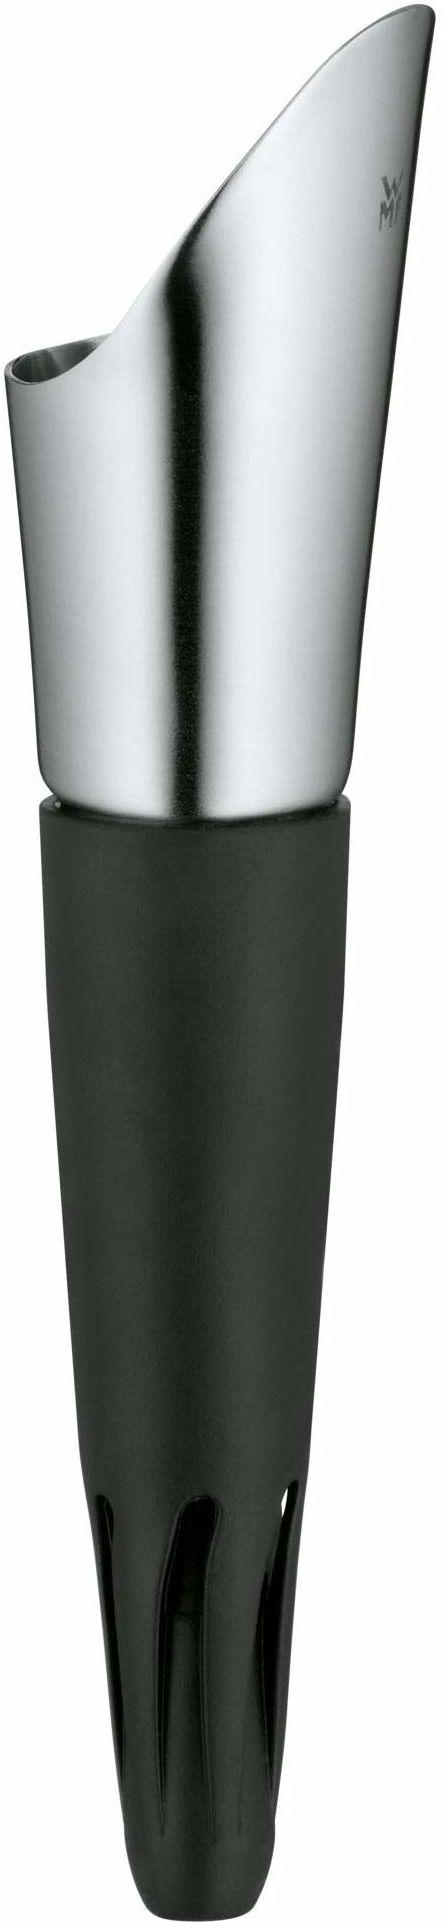 WMF Vino nalewak do dekantacji z napowietrzaczem 8 cm, stal nierdzewna Cromargan, tworzywo sztuczne, nalewak do wina